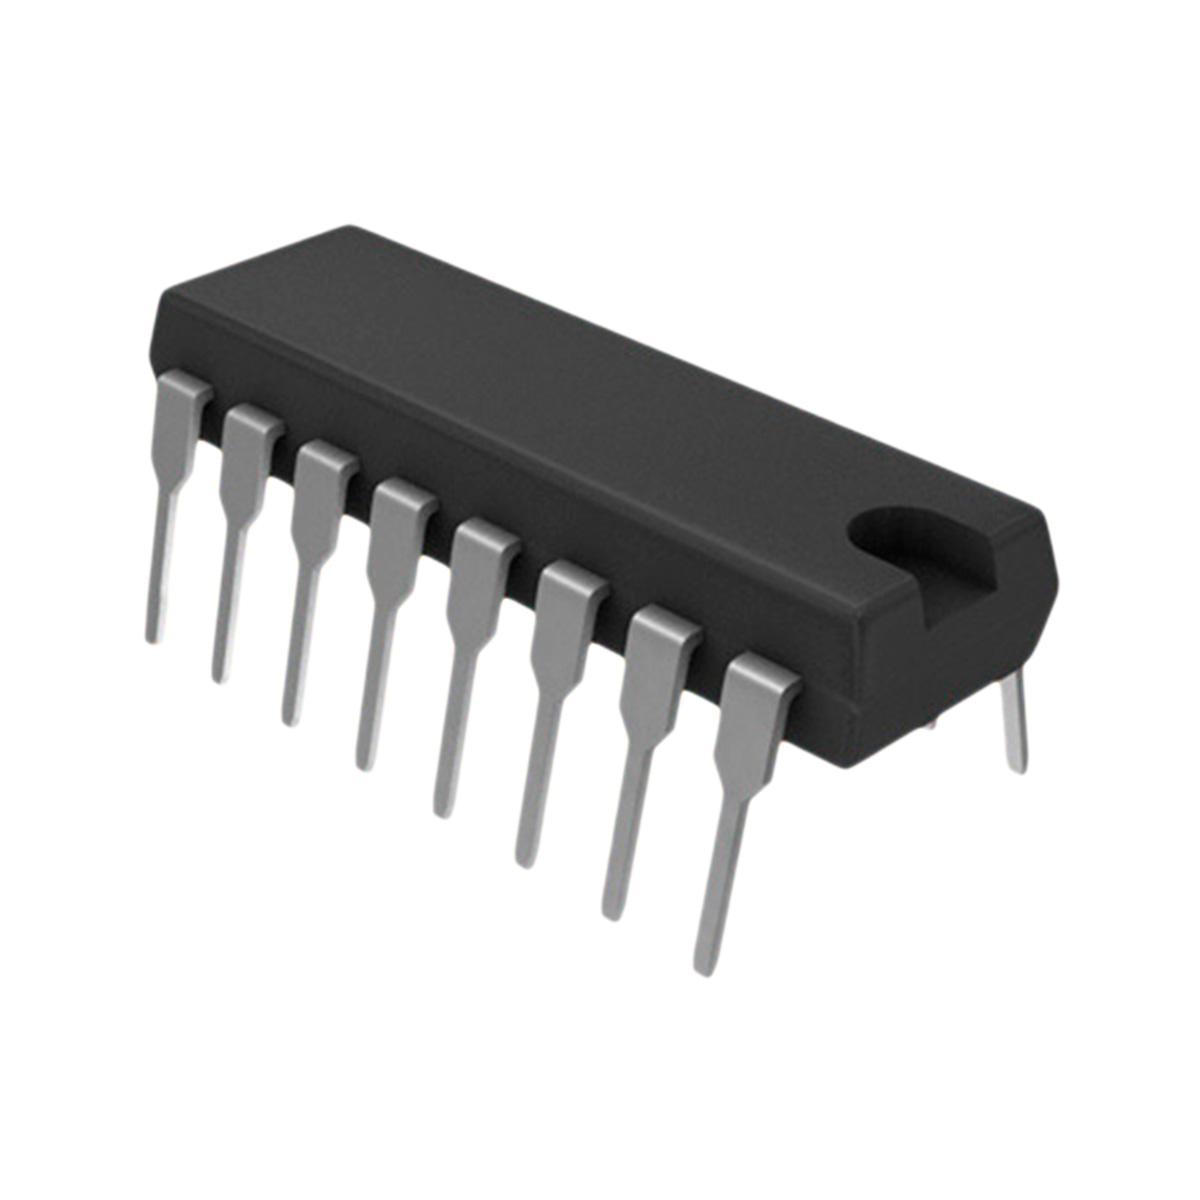 Circuito Integrado : Circuito integrado cd u e circuitos integrados u e componentes